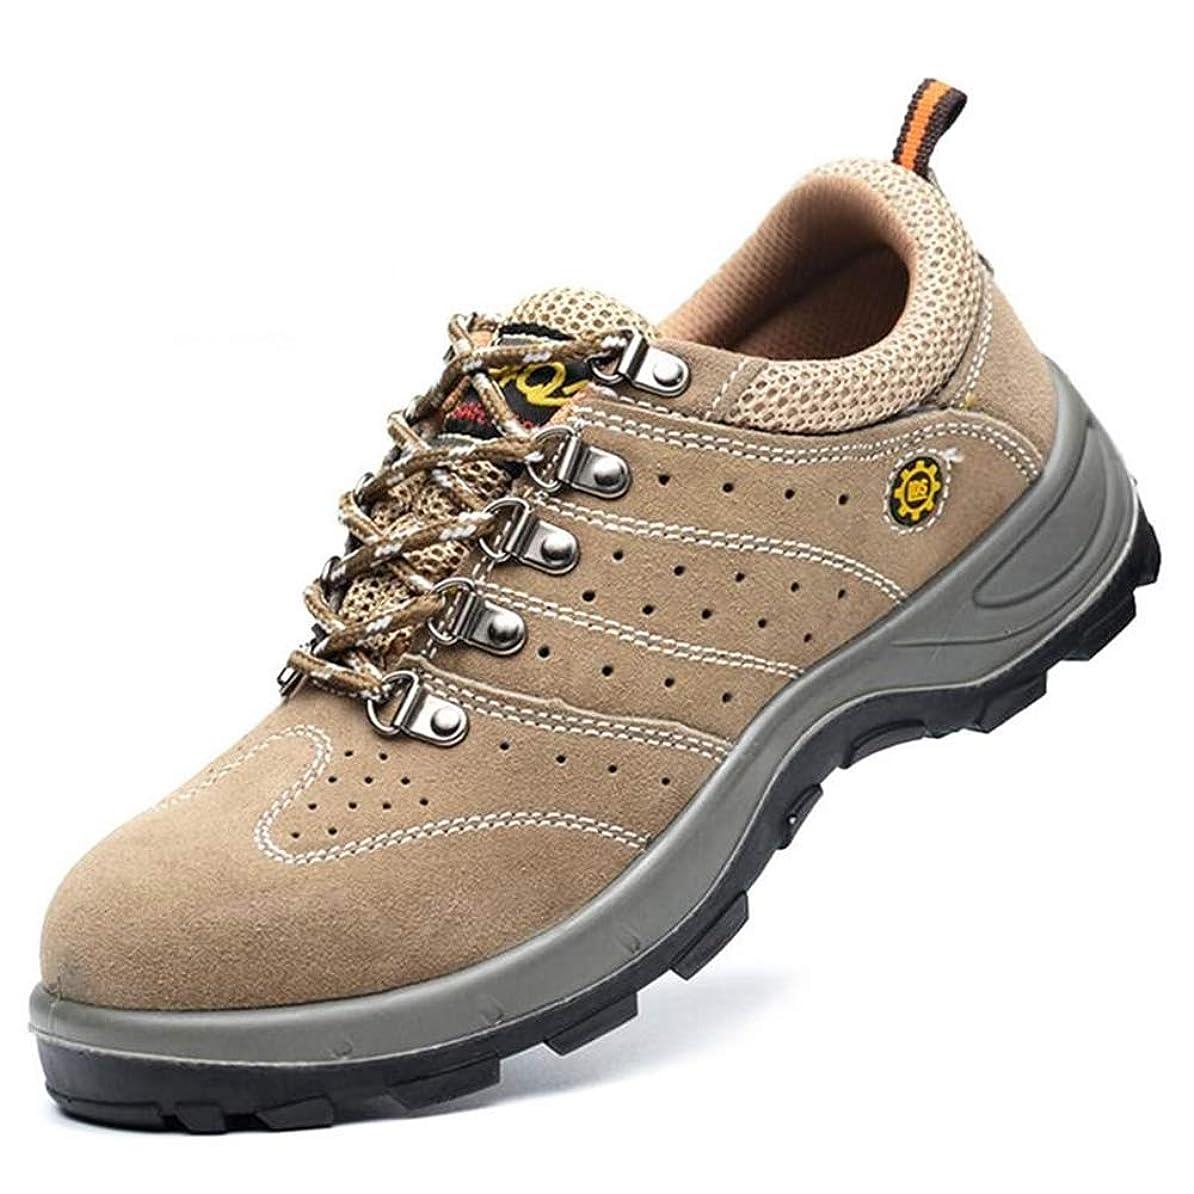 博覧会高いブロックするワーキングシューズ セーフティーシューズ 安全靴 作業靴 レディース メンズ 登山靴 ハイキング トレッキング アウトドア 運動靴 スニーカータイプ 通気性 スエード レースアップ ローカット 先芯入り 踏み抜き防止 穴あき 通気性